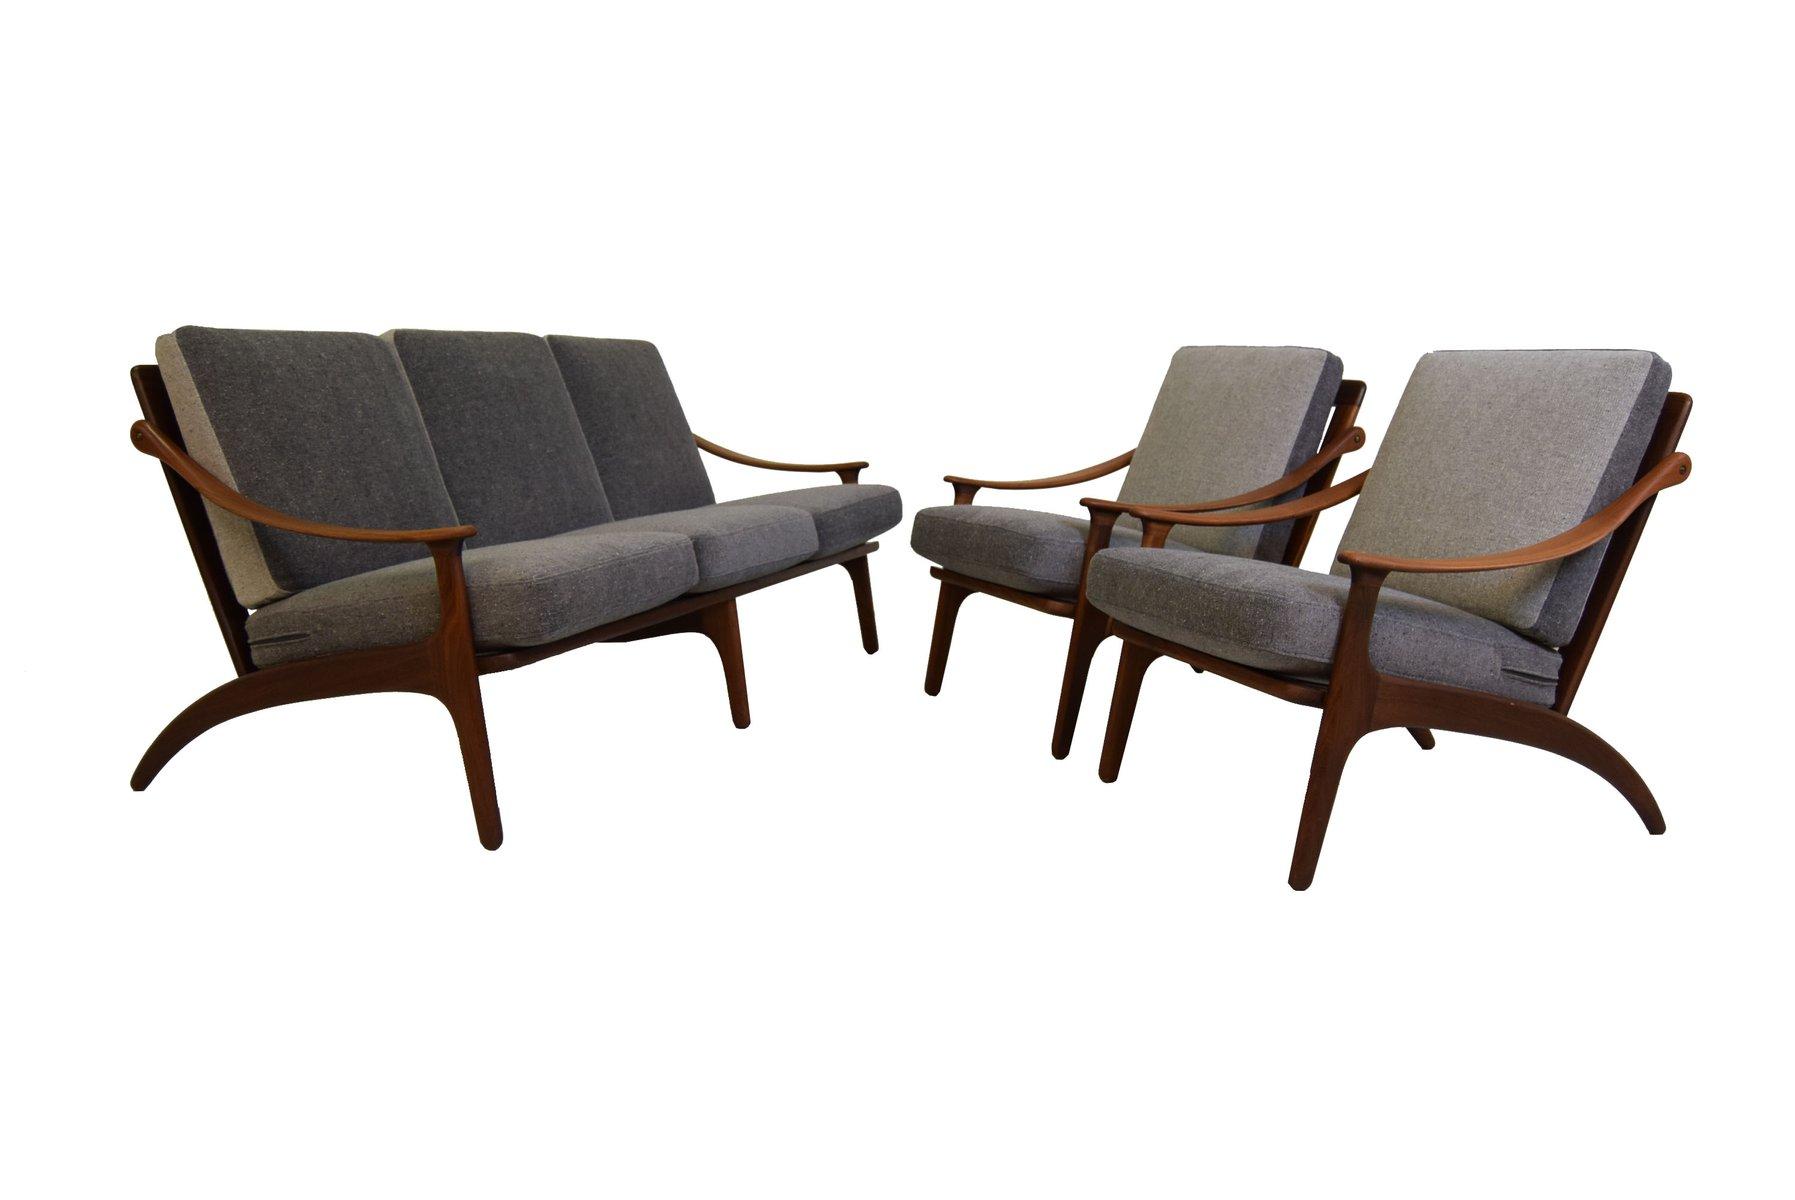 Sofa And Chairs Set By Arne Hovmandolsen For P Mikkelsen